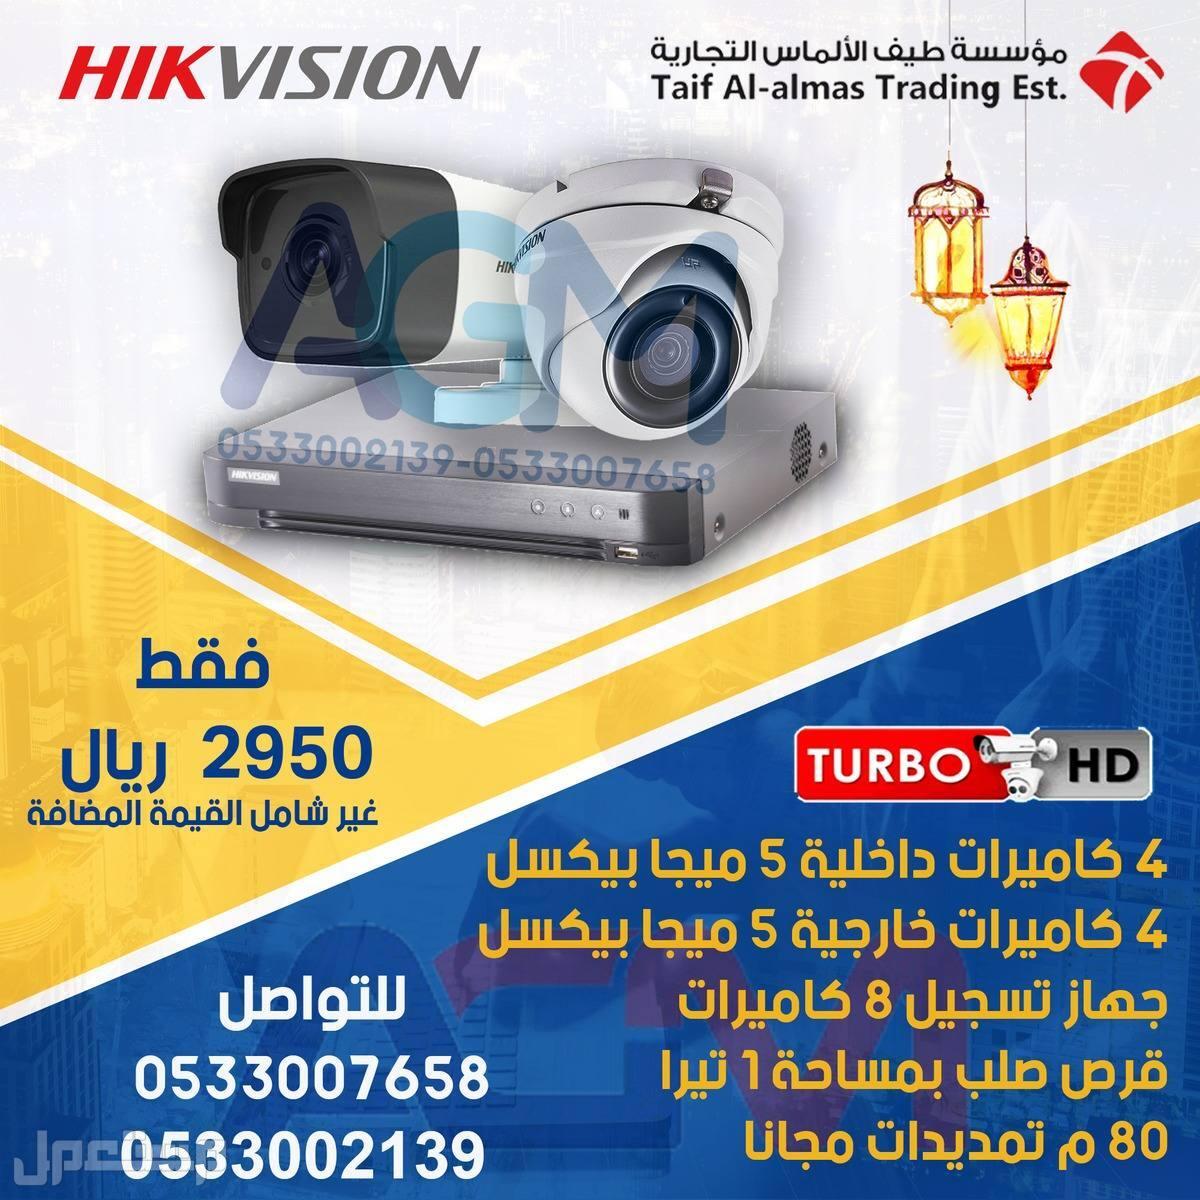 كاميرات مراقبة بدقة 5 ميجابكسل باقل الاسعار